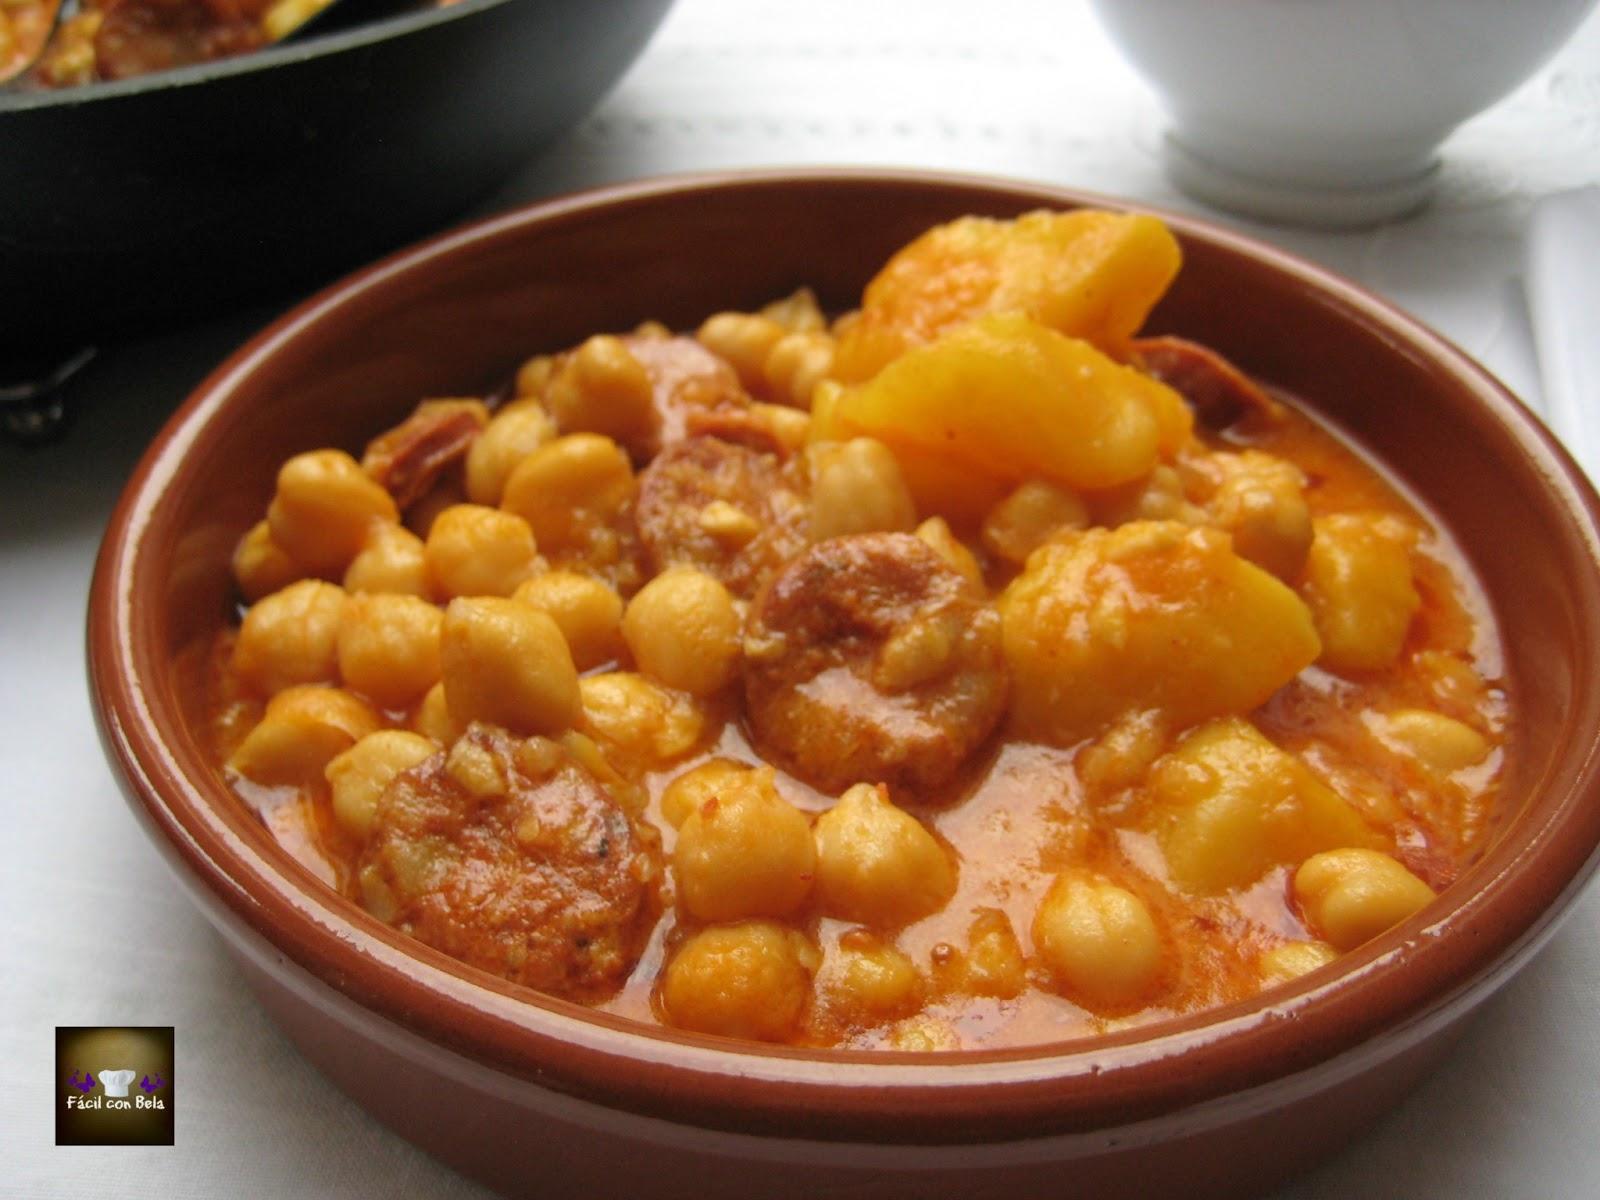 Recetas f cil con bela potaje de garbanzos con chorizo y for Cocinar garbanzos con chorizo